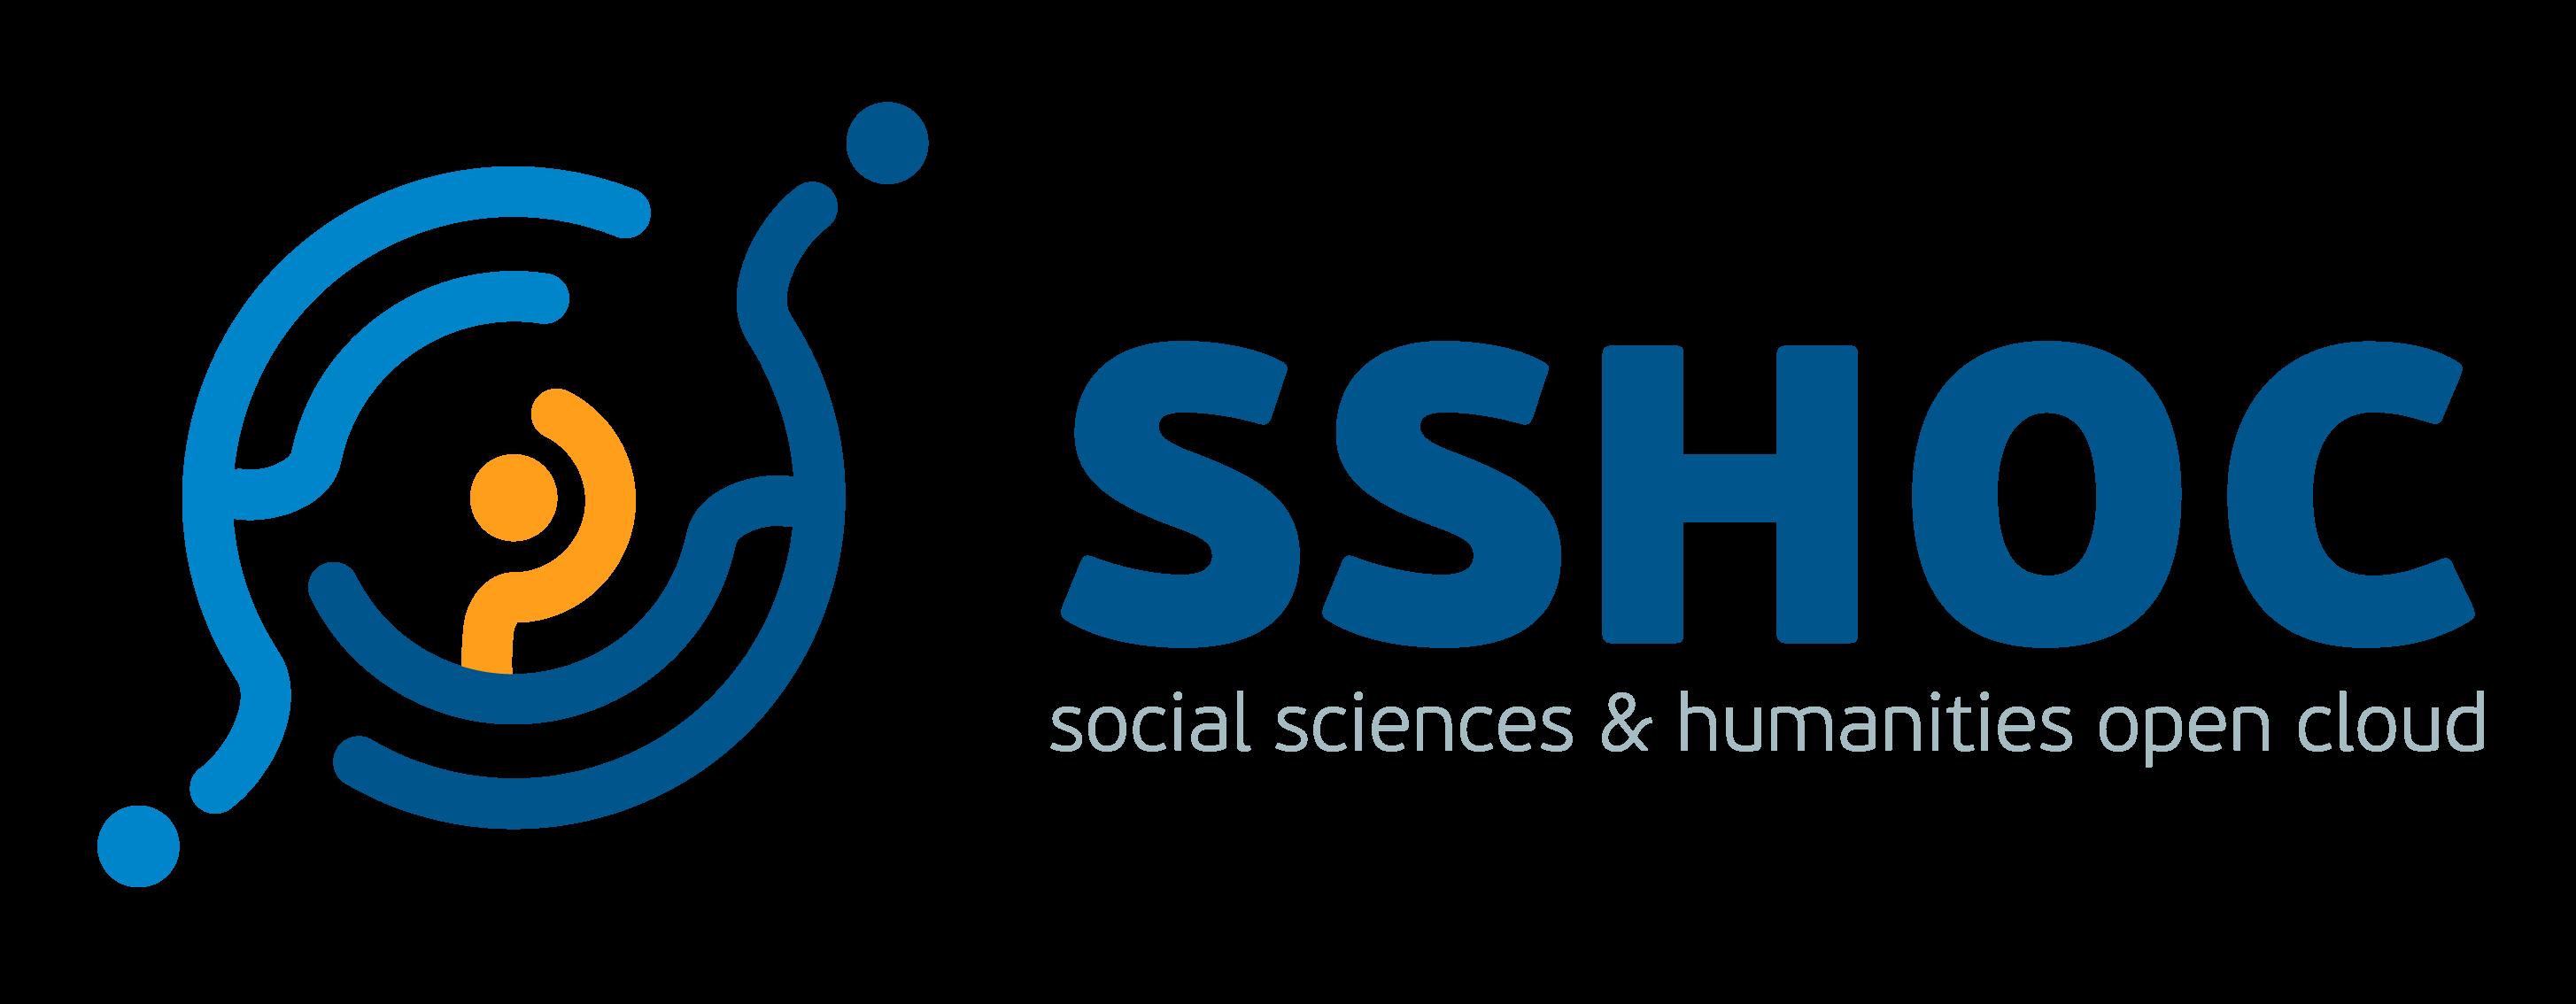 SSHOC_logo_color.png